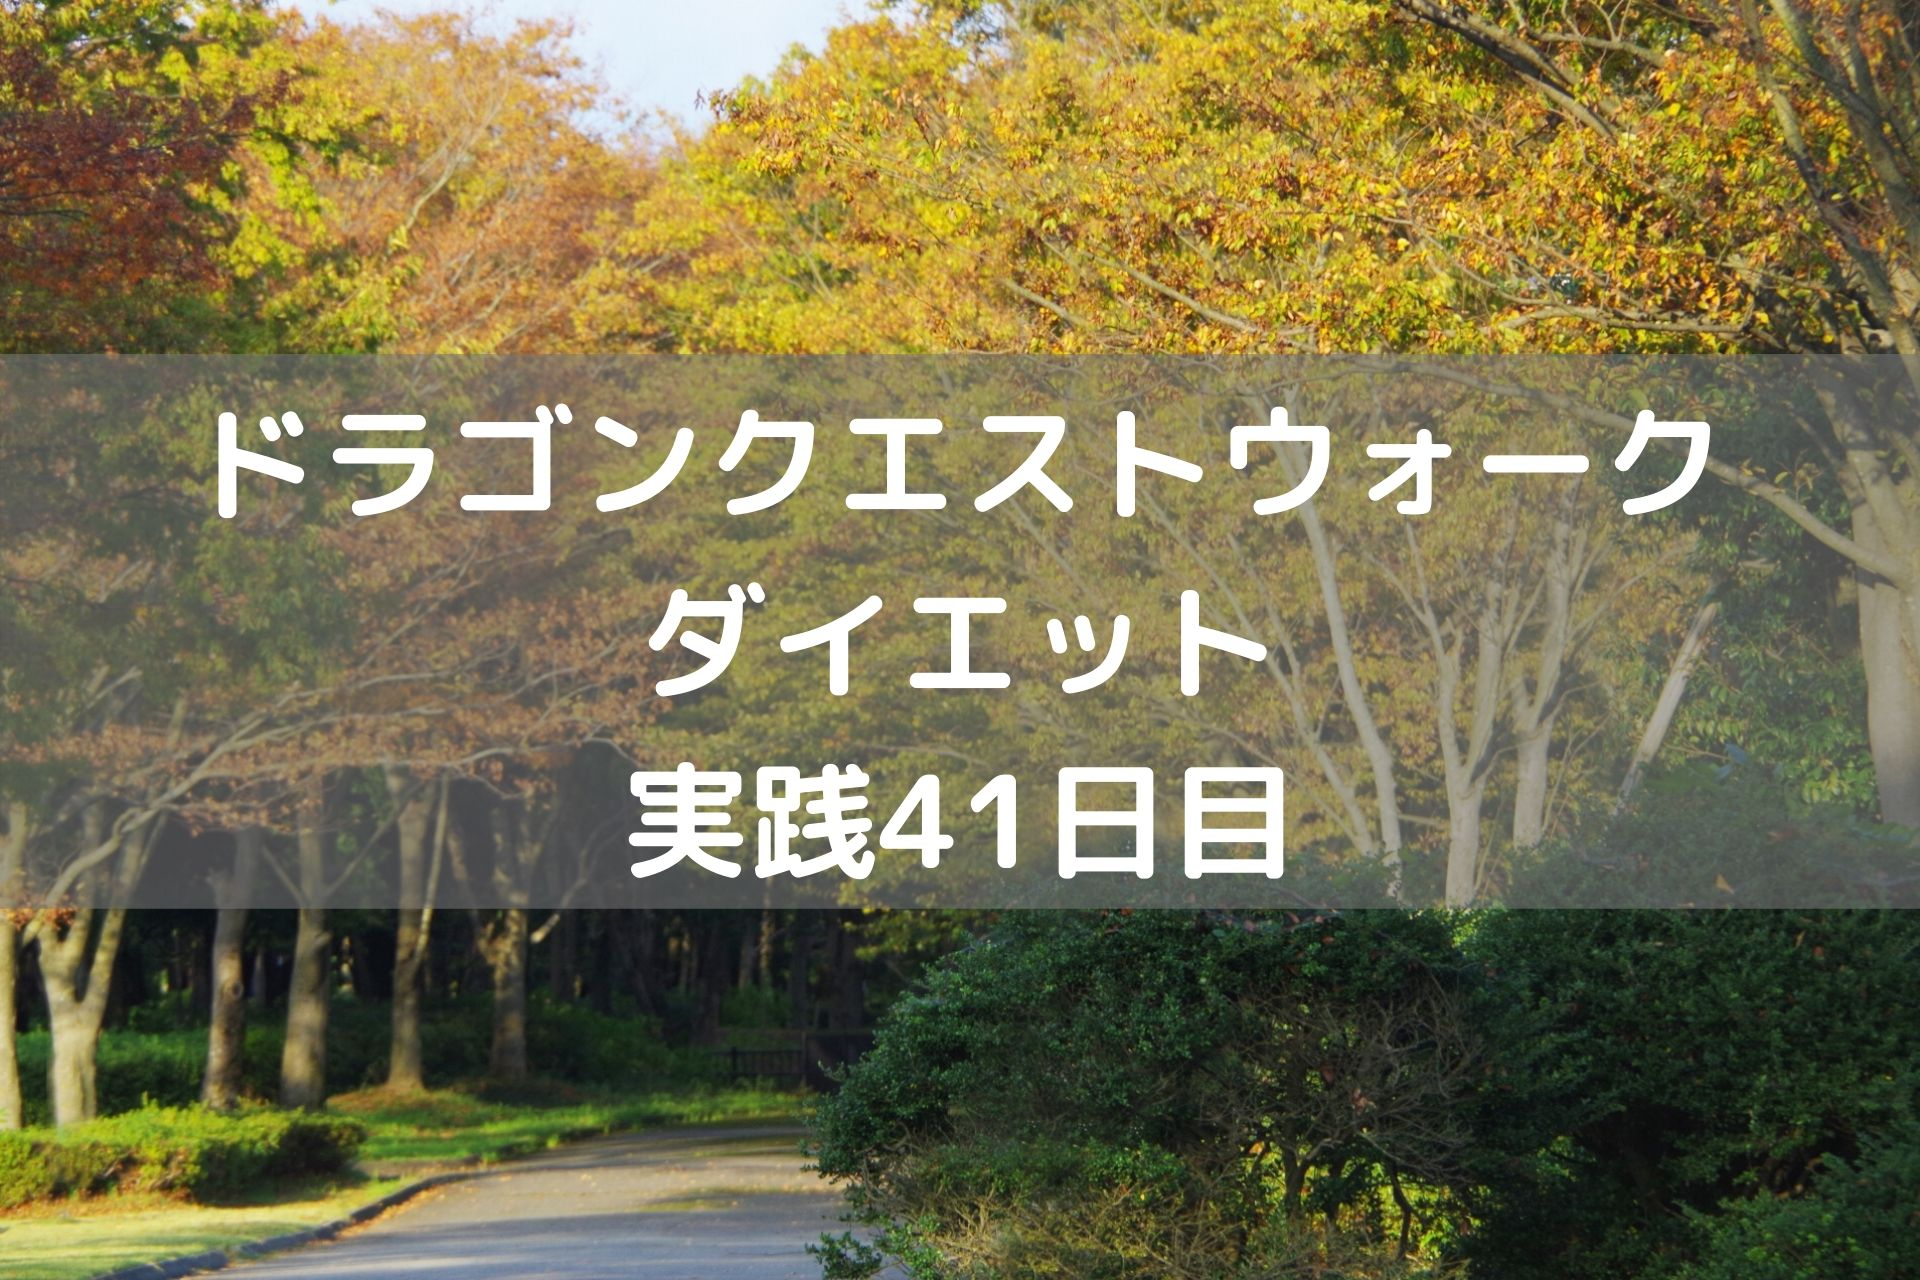 ドラゴンメダルどうしよう・・・ 【DQウォーク実践41日目】